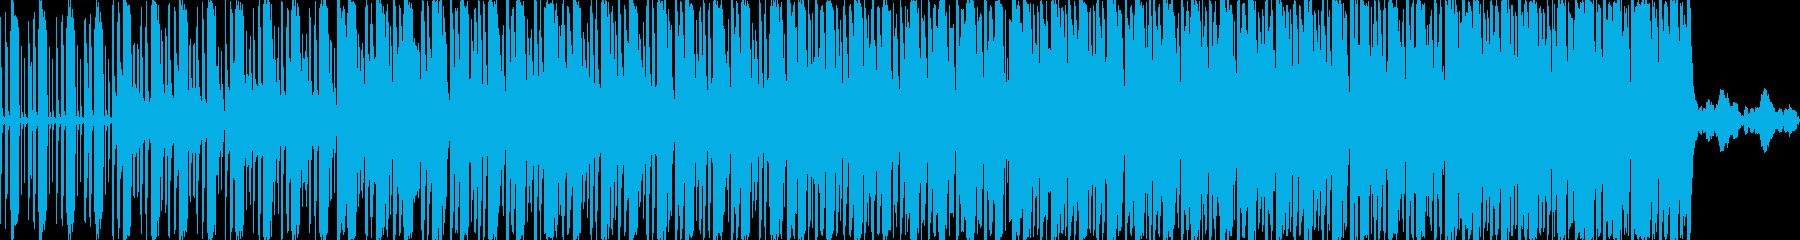 アジア 感情的 静か ハイテク 気...の再生済みの波形